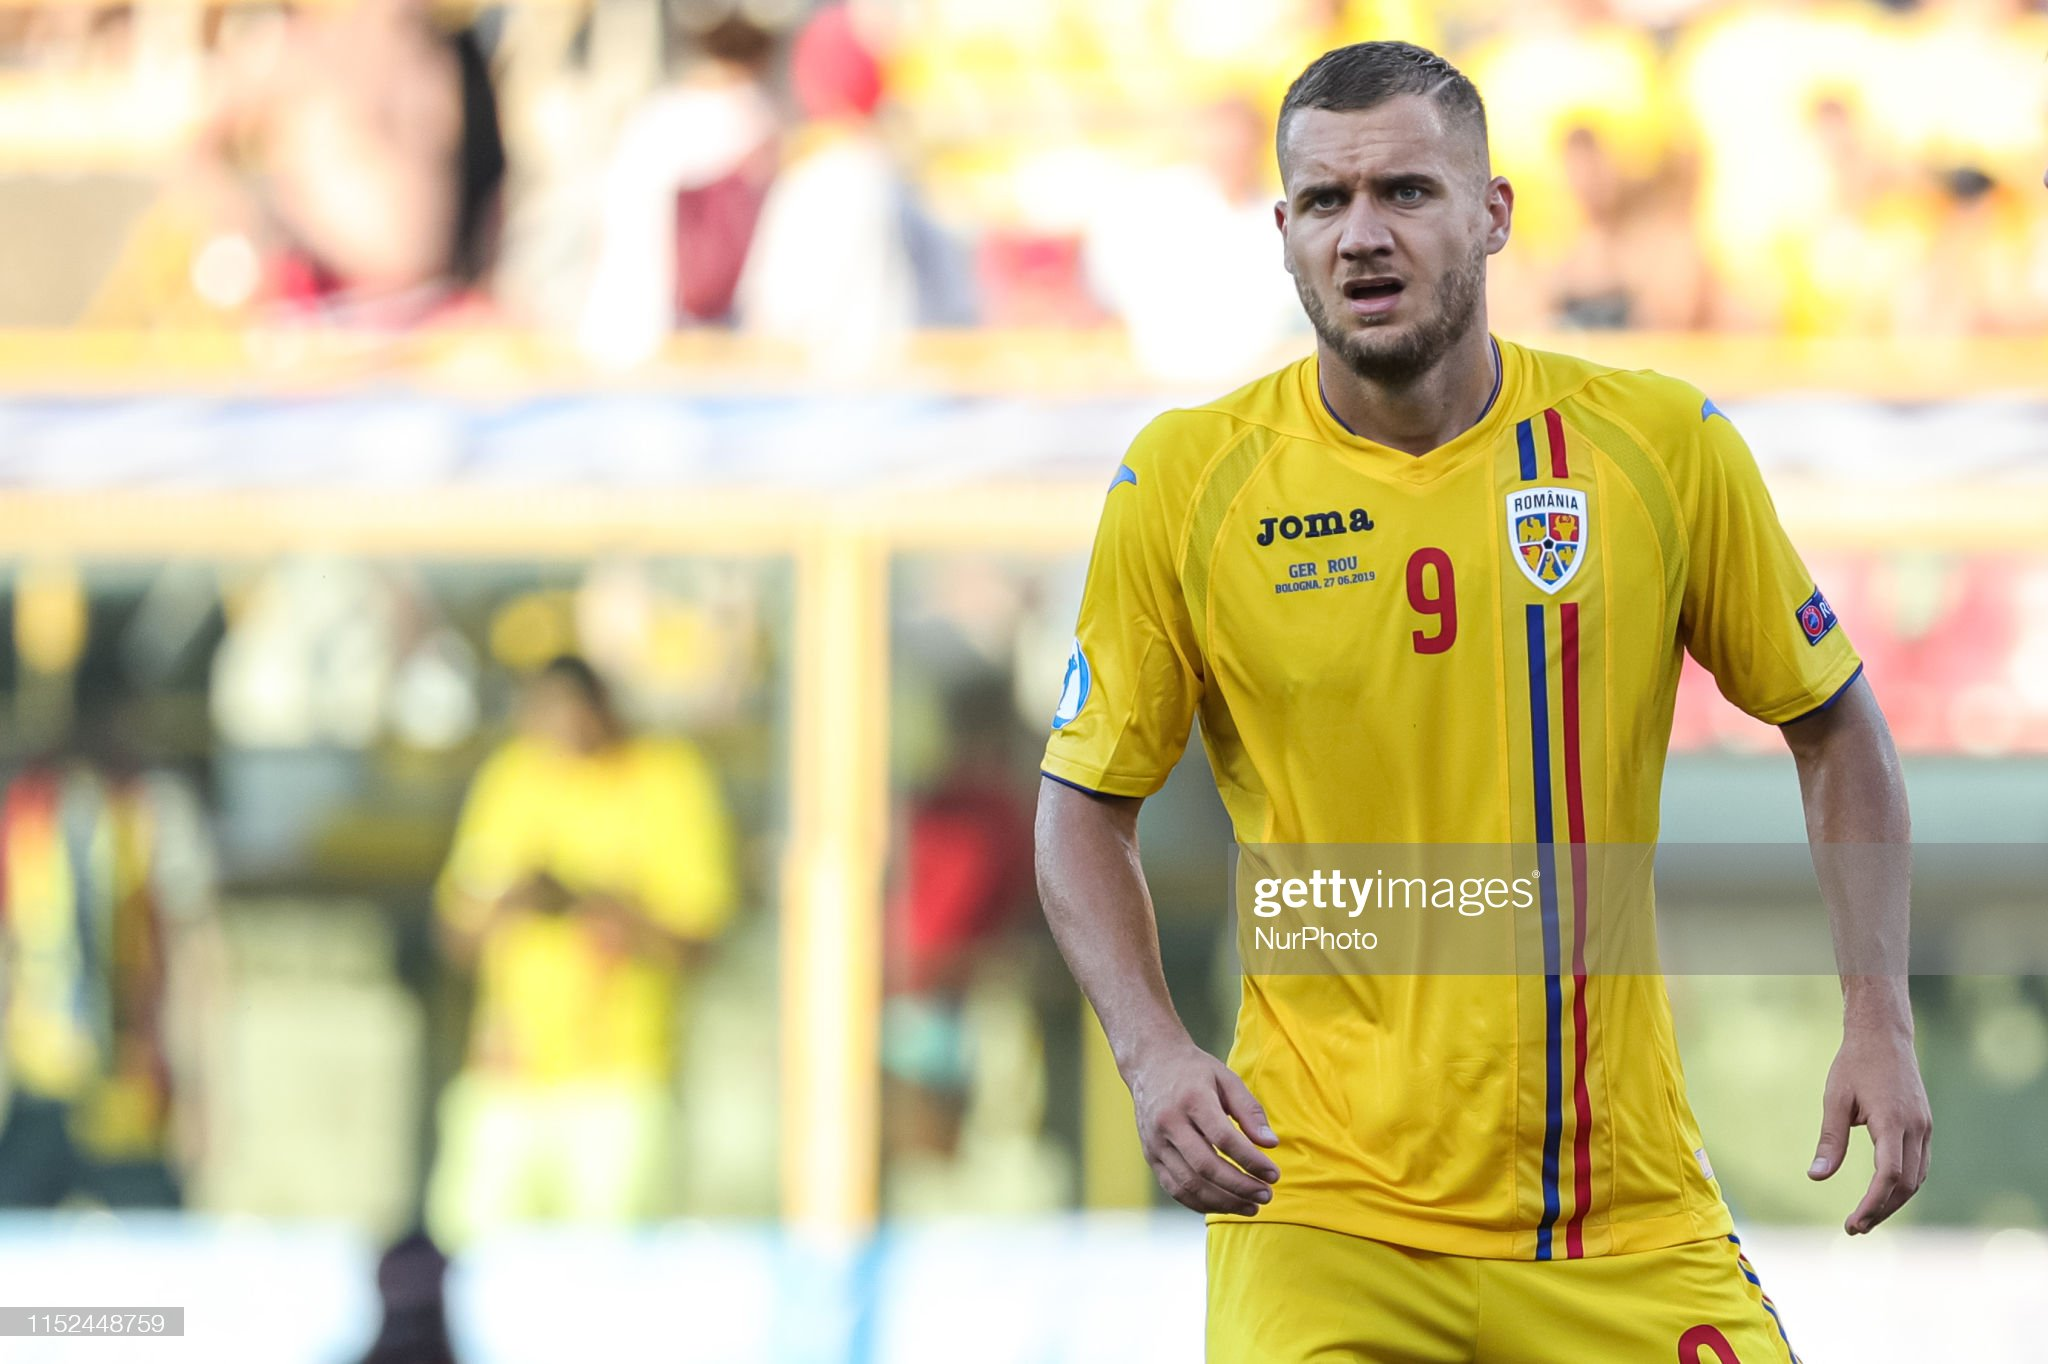 Germany v Romania - 2019 UEFA European Under-21 Championship : Fotografia de notícias